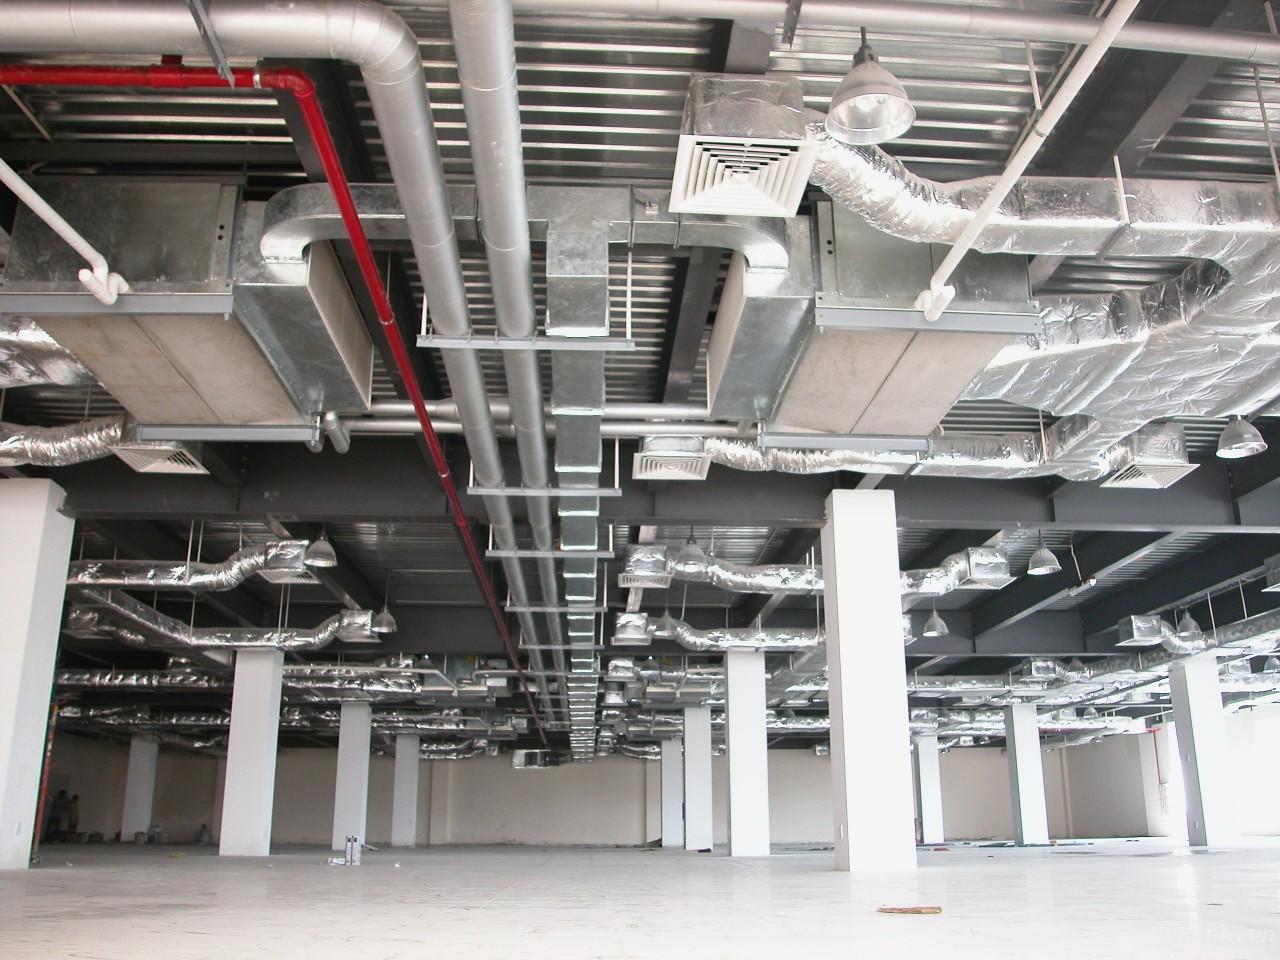 Kiểm định hệ thống lạnh, hệ thống điều hòa trung tâm